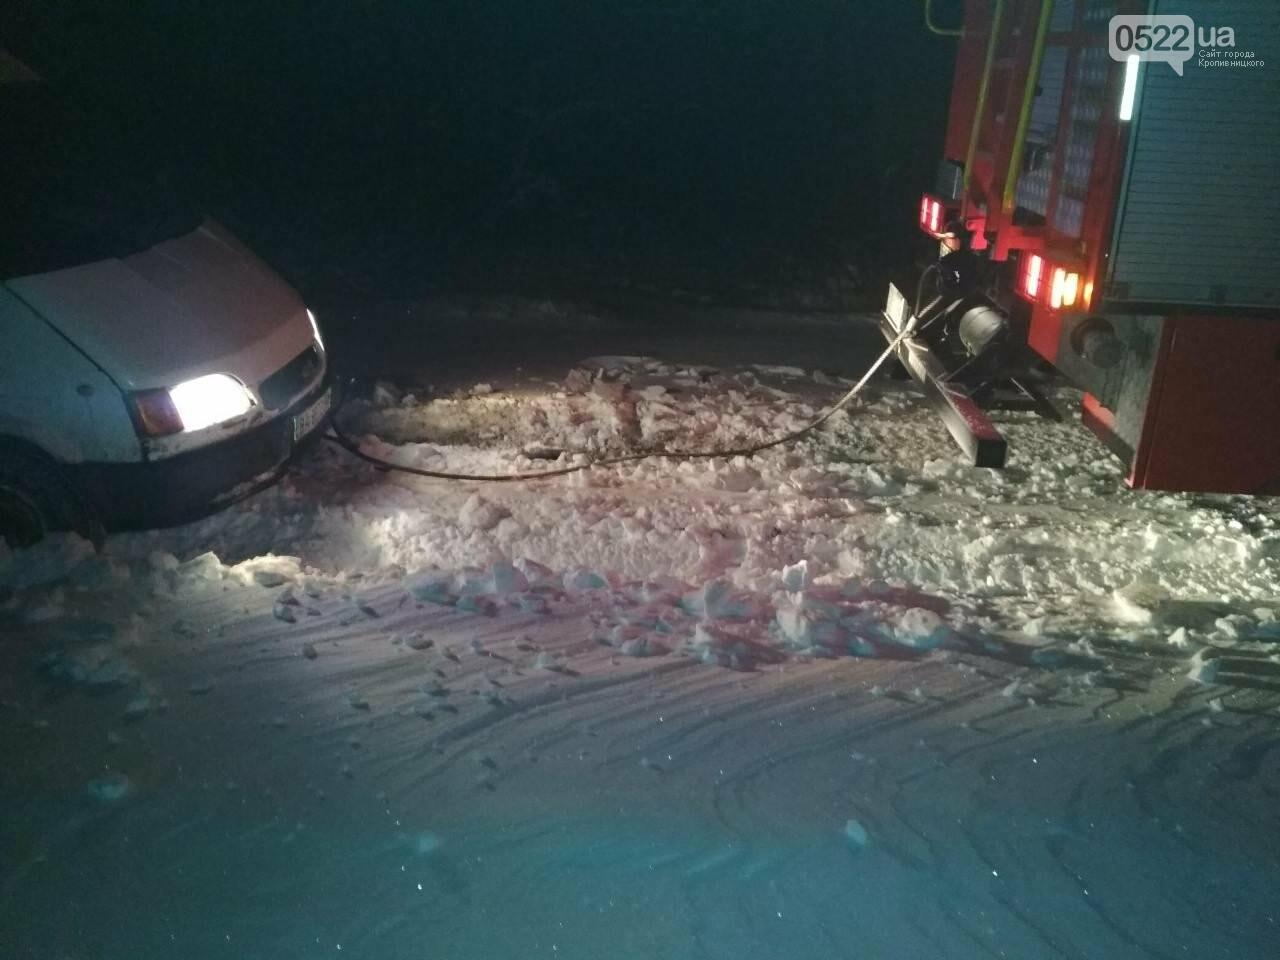 Кіровоградська область: минулої доби рятувальники відбуксирували 9 автомобілів із складних ділянок автошляхів, фото-2